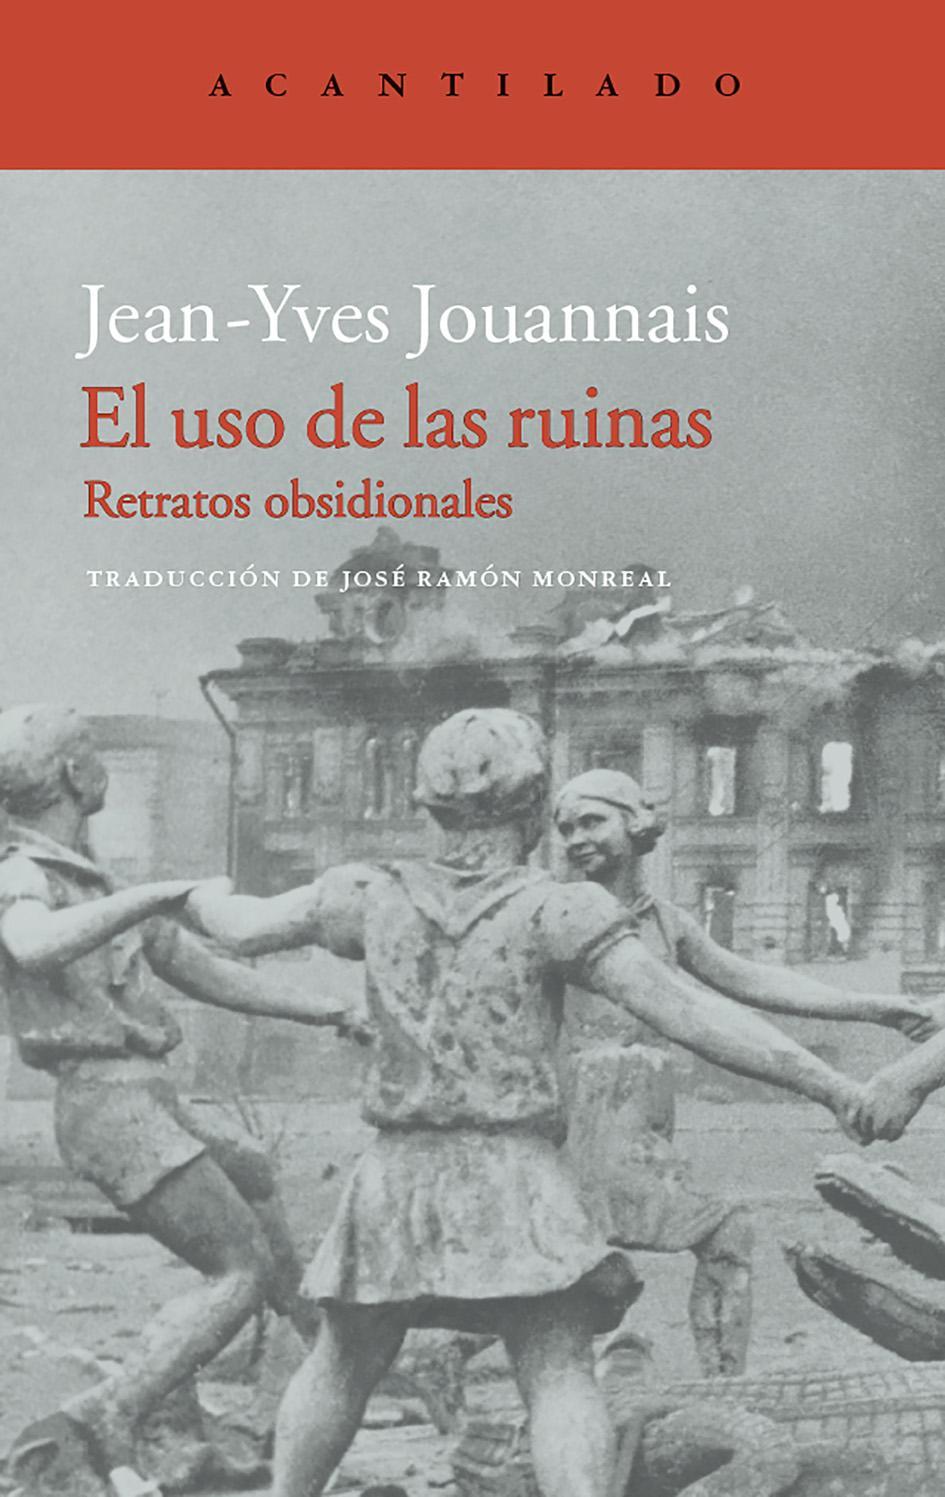 El uso de las ruinas